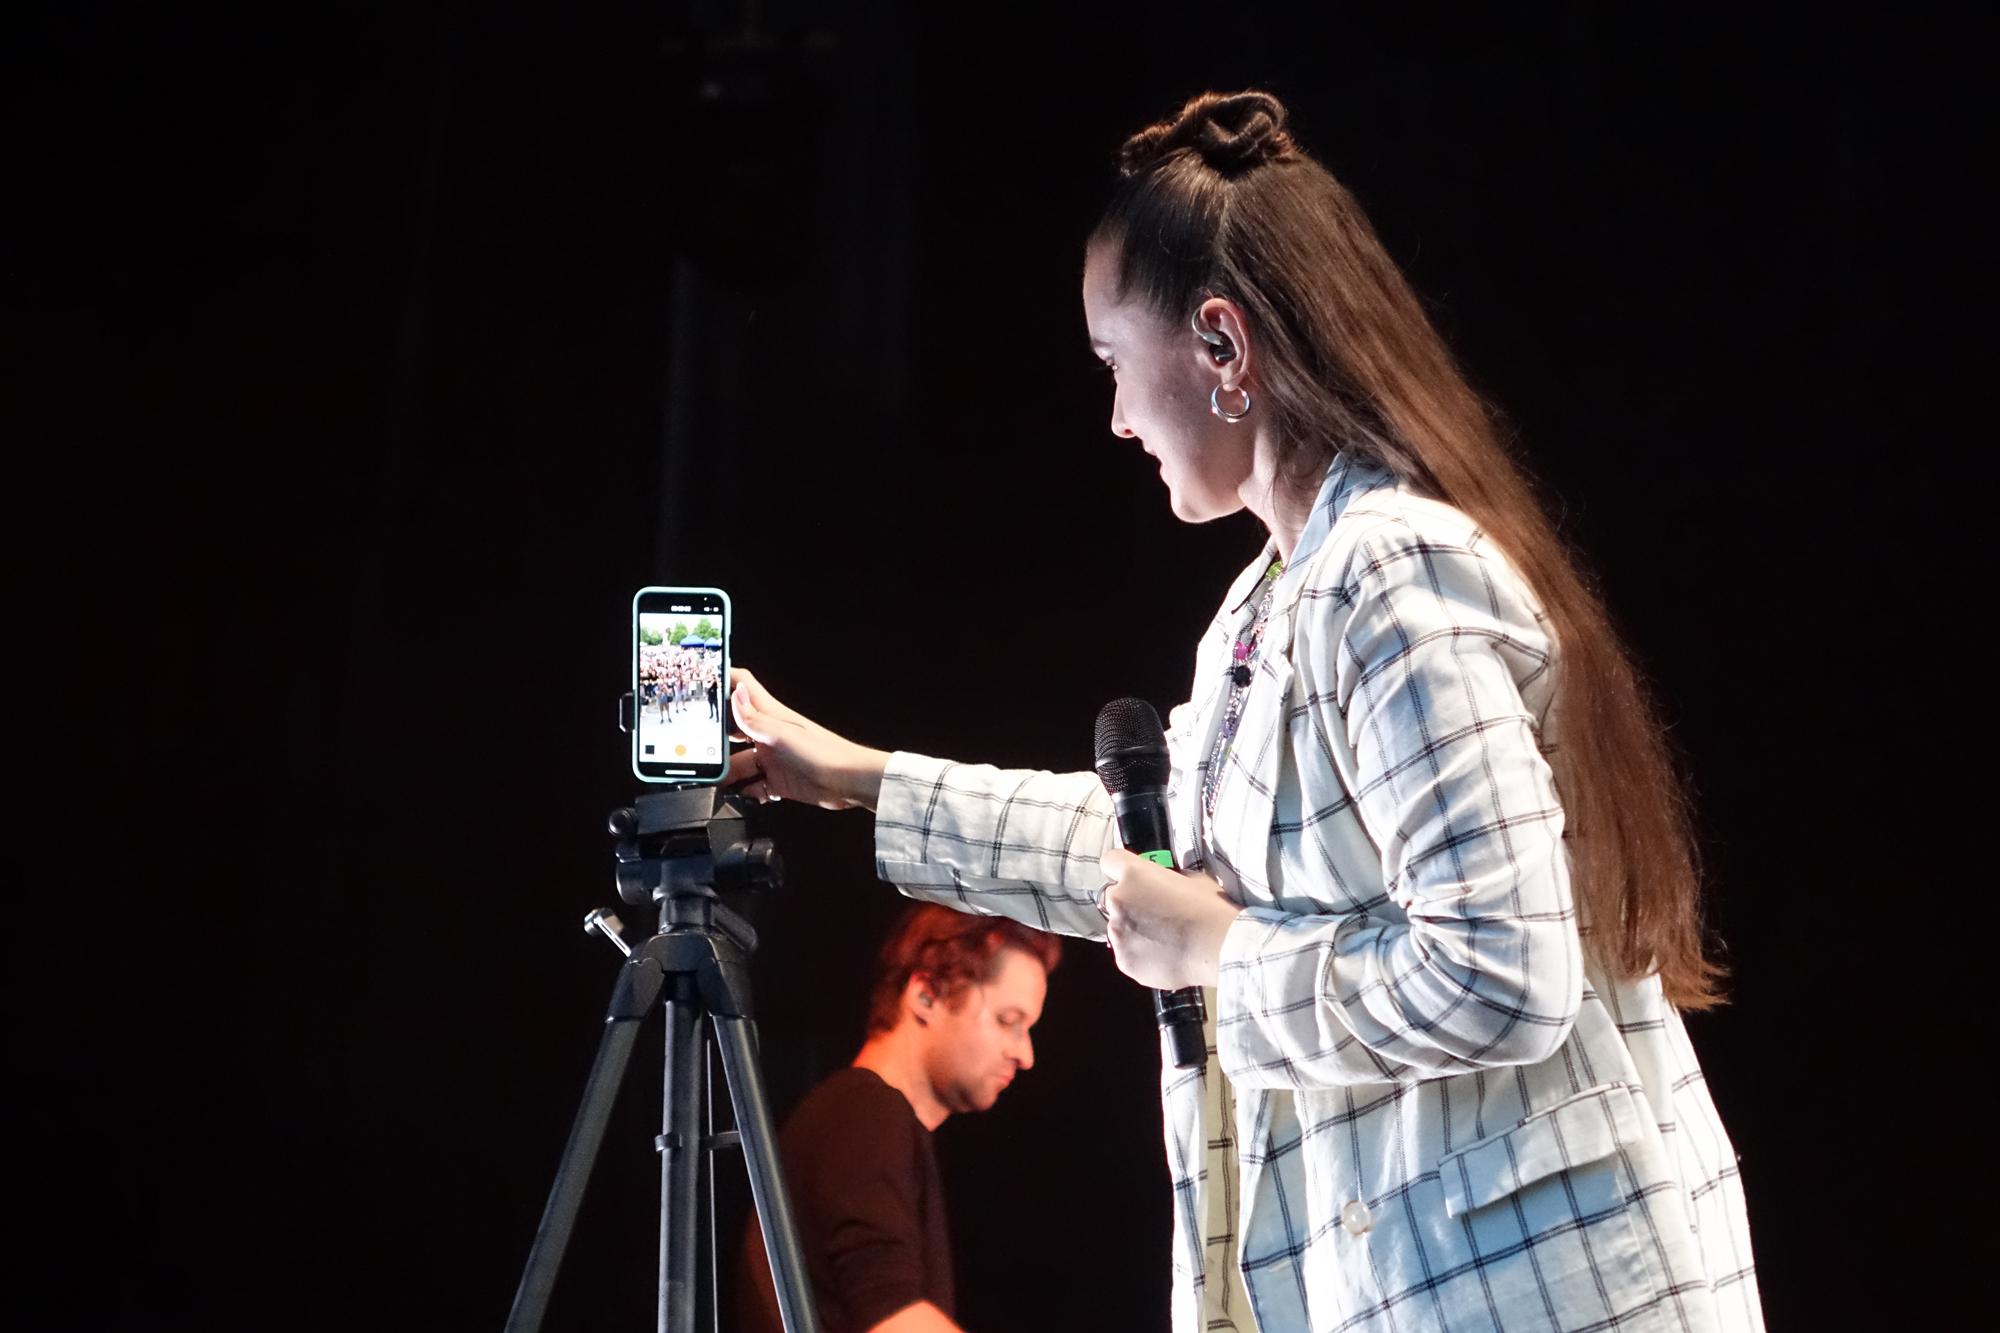 Wokalistka Lanberry przygotowuje pokaz live w mediach społecznościowych